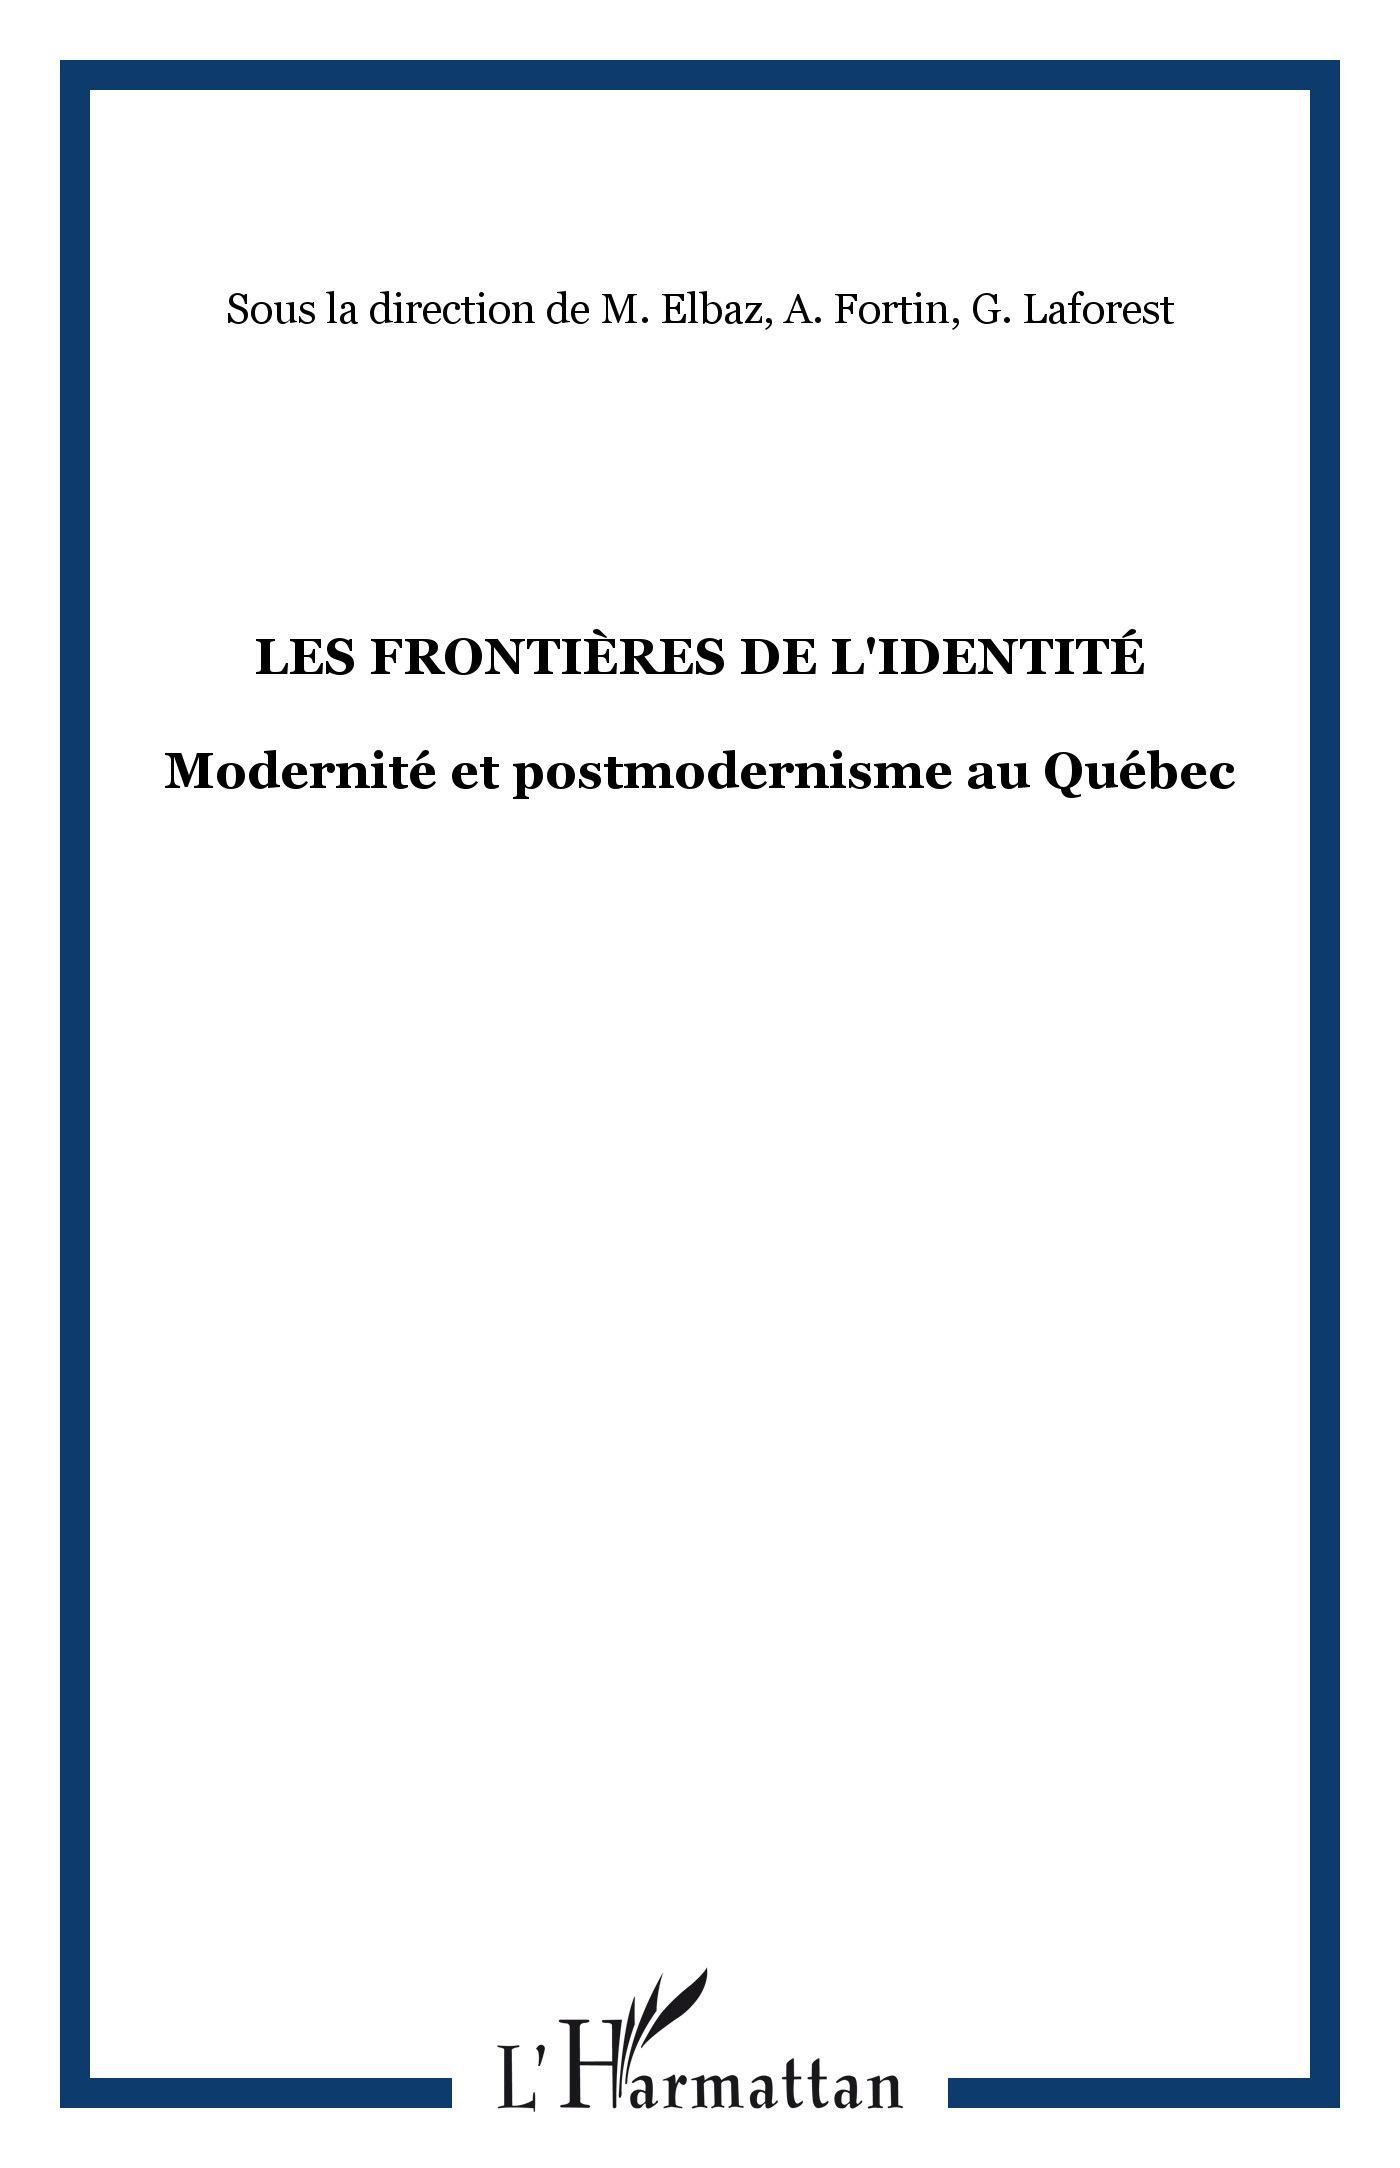 LES FRONTIERES DE L'IDENTITE - MODERNITE ET POSTMODERNISME AU QUEBEC